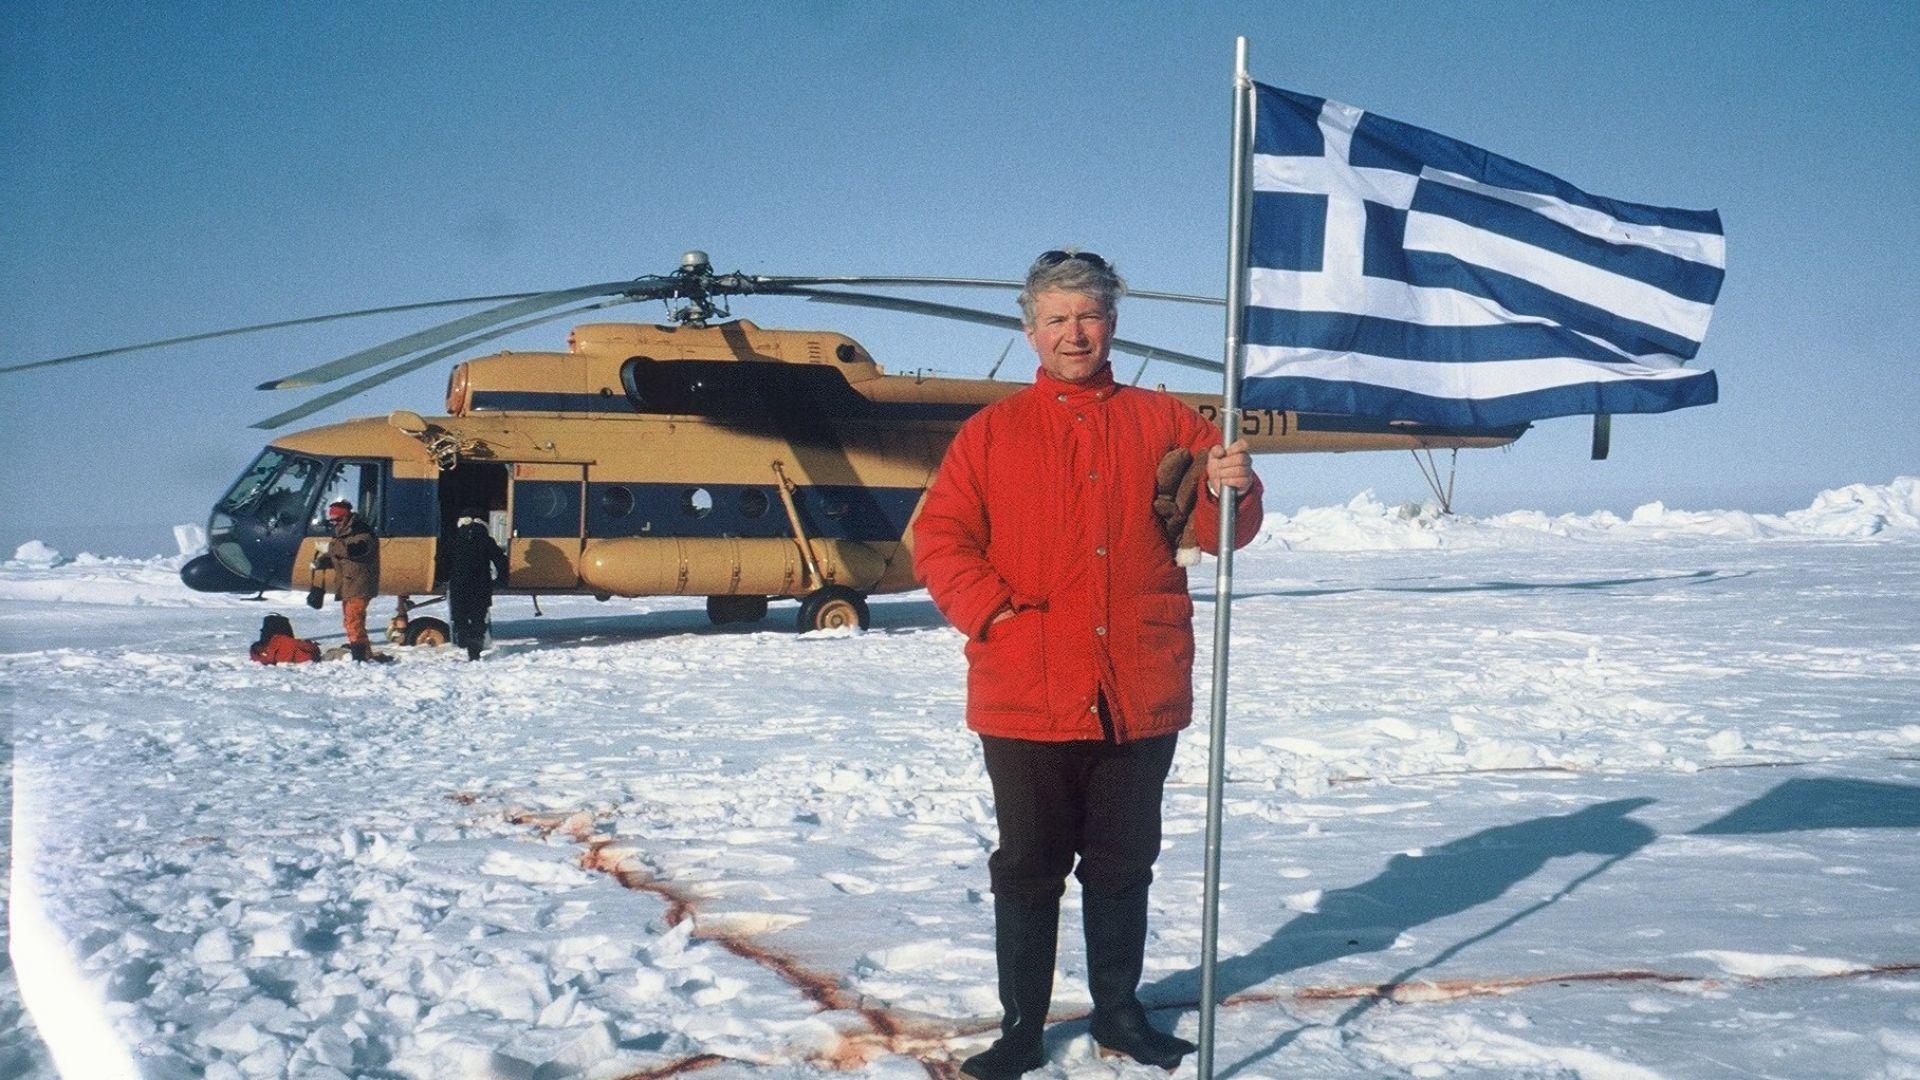 Историята на Бабис Бизас - най-пътувалият човек на планетата